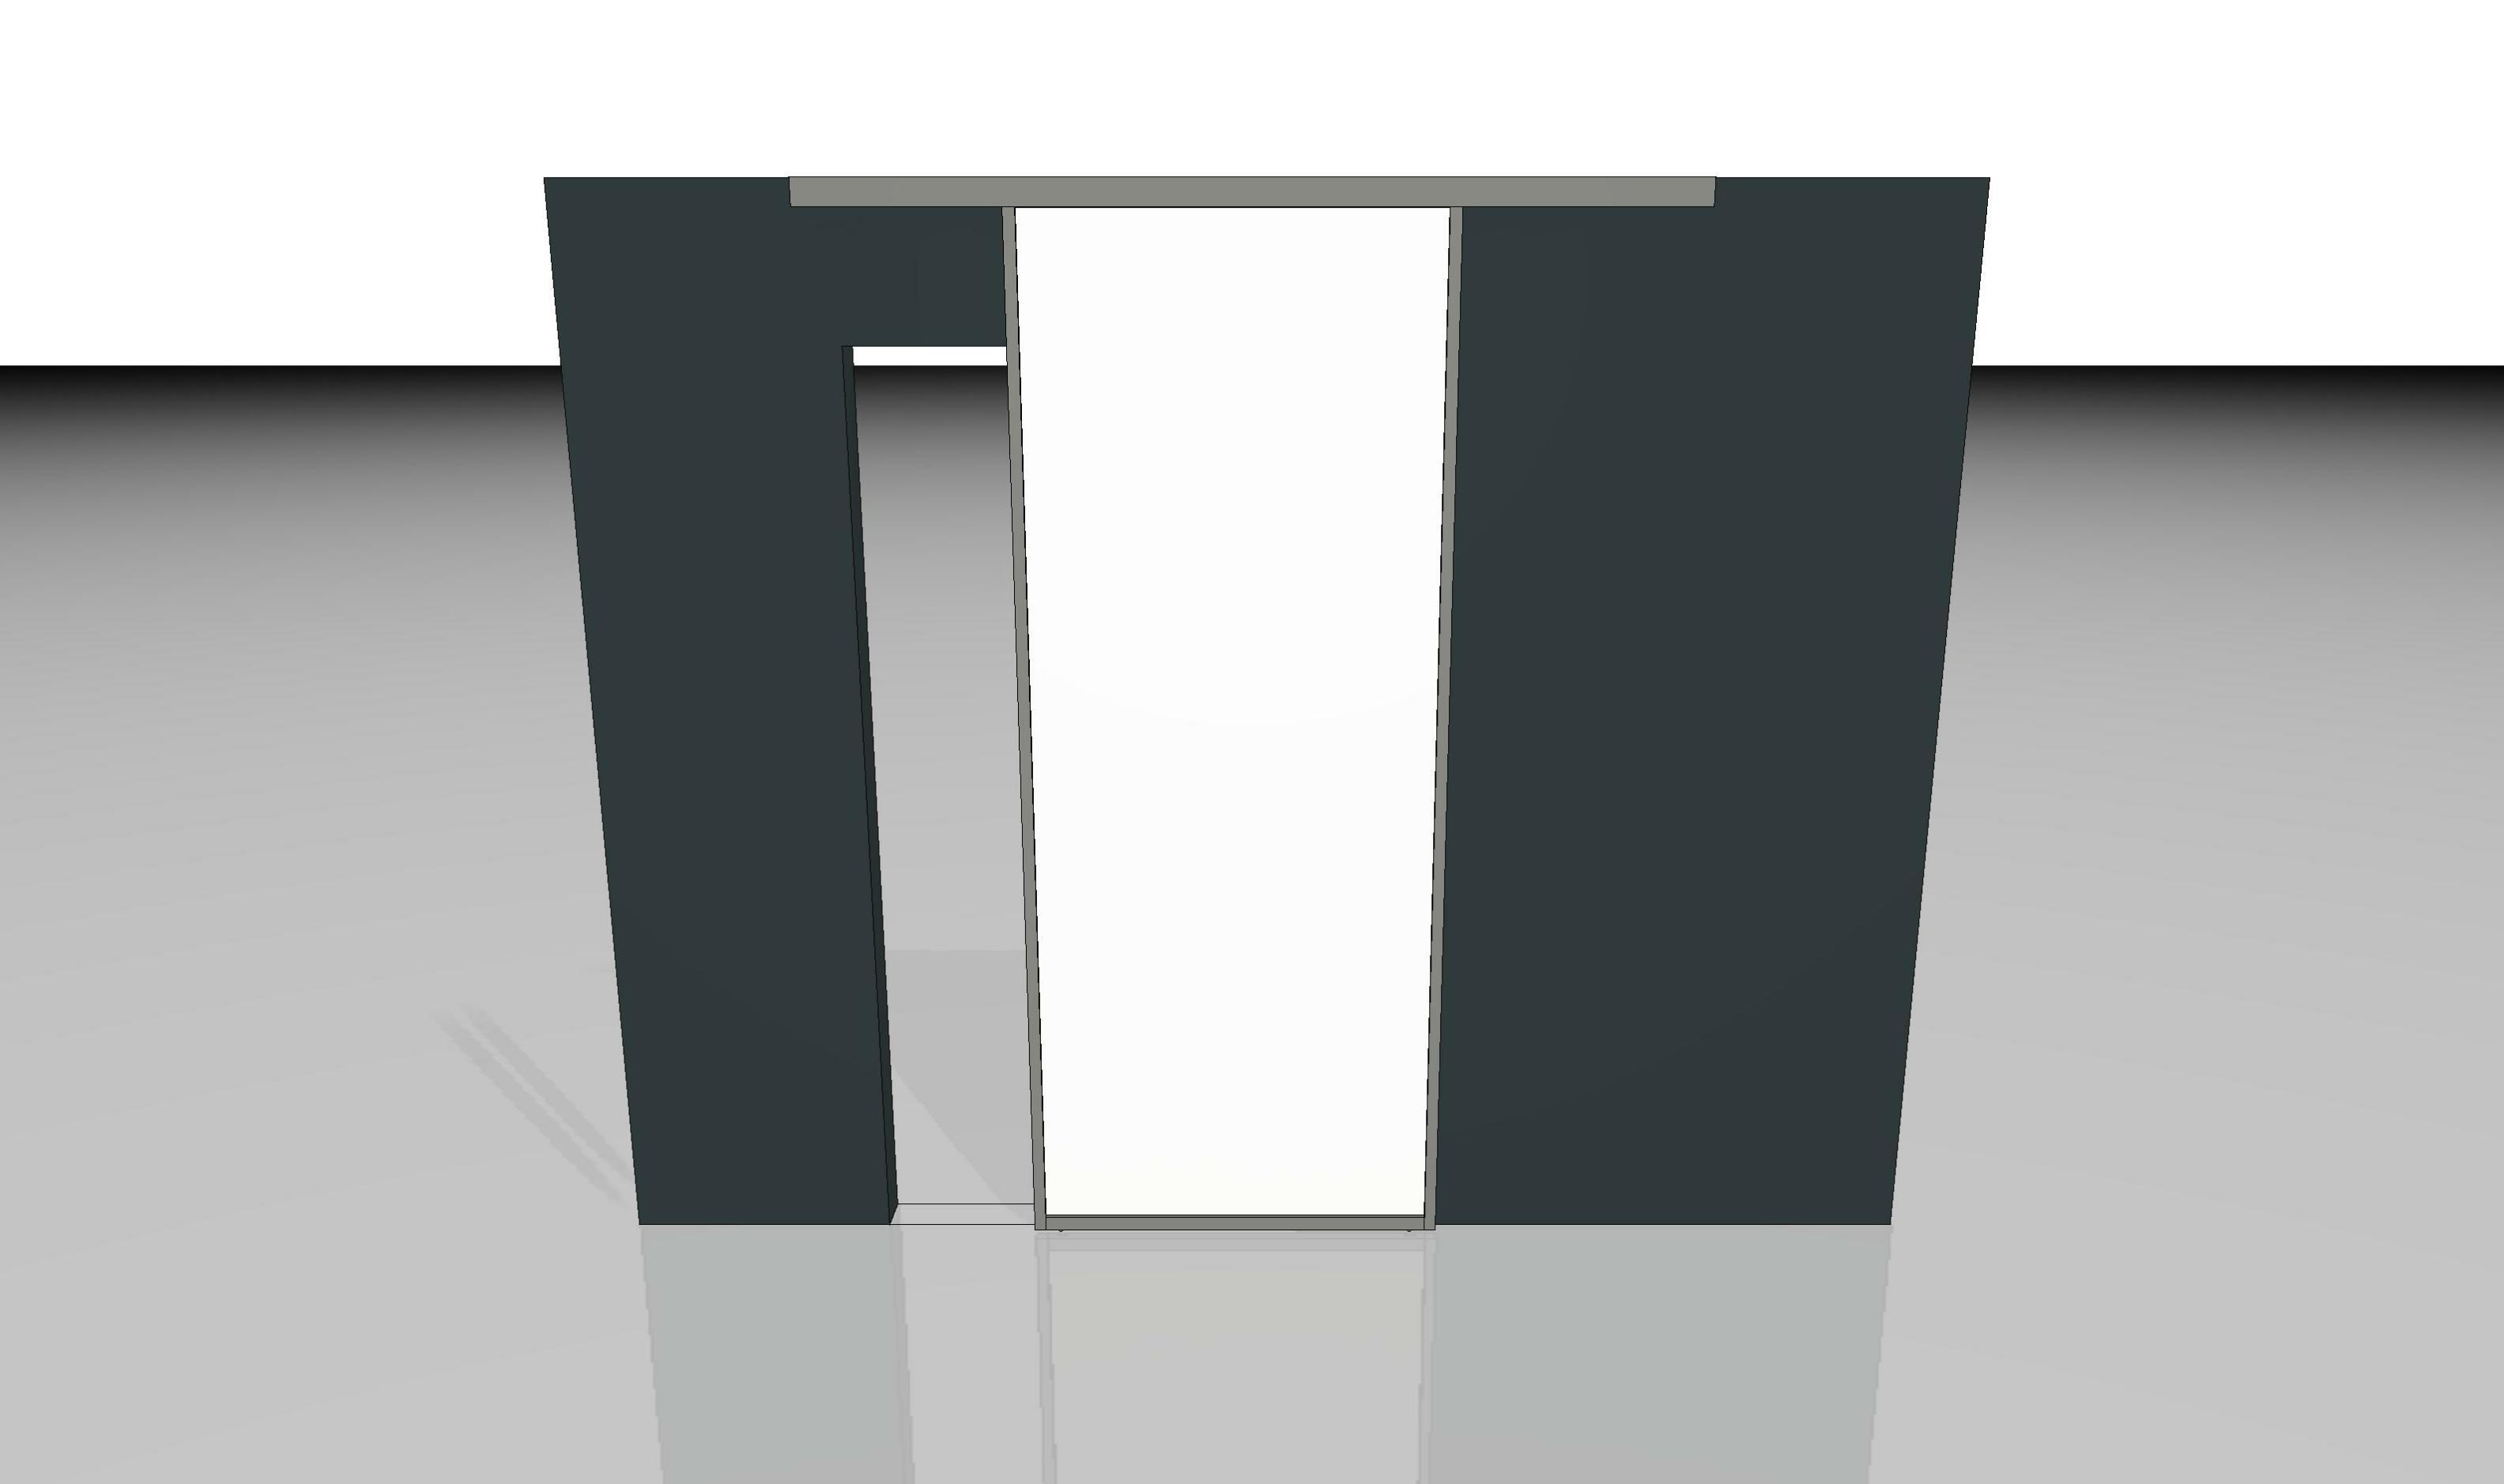 schiebetuer vor der wand laufend inova schiebet ren und raumspar l sungen. Black Bedroom Furniture Sets. Home Design Ideas